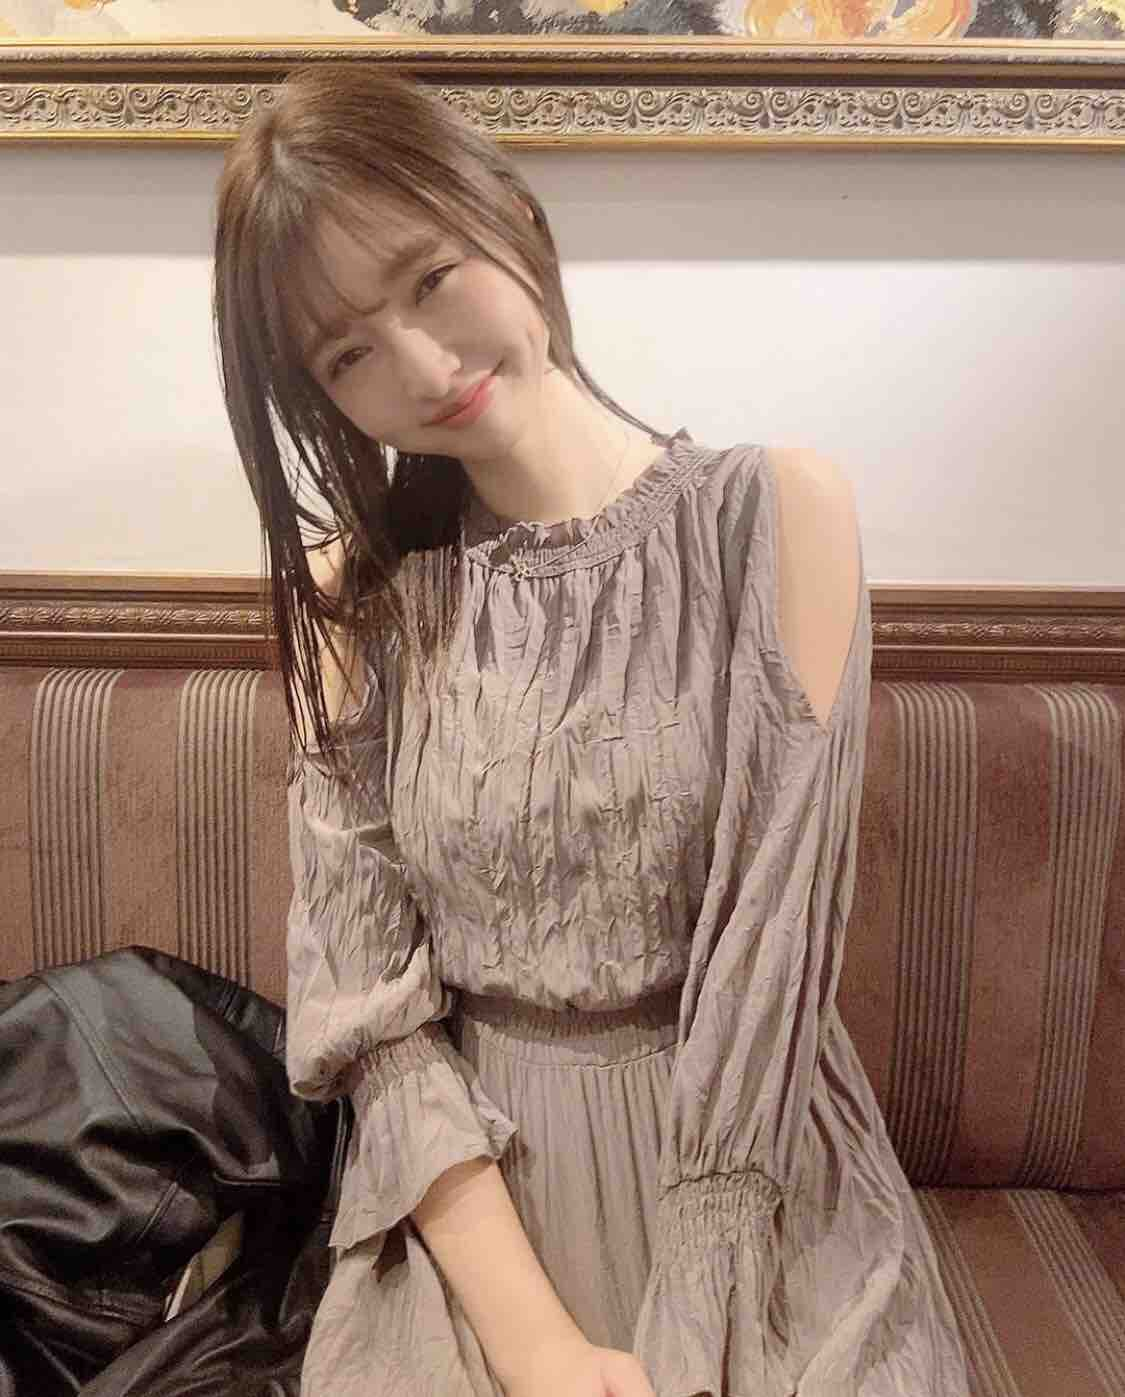 グラビアアイドル写真集|社長令嬢で高身長の橋本萌花ちゃんのグラビア画像まとめ2 127枚